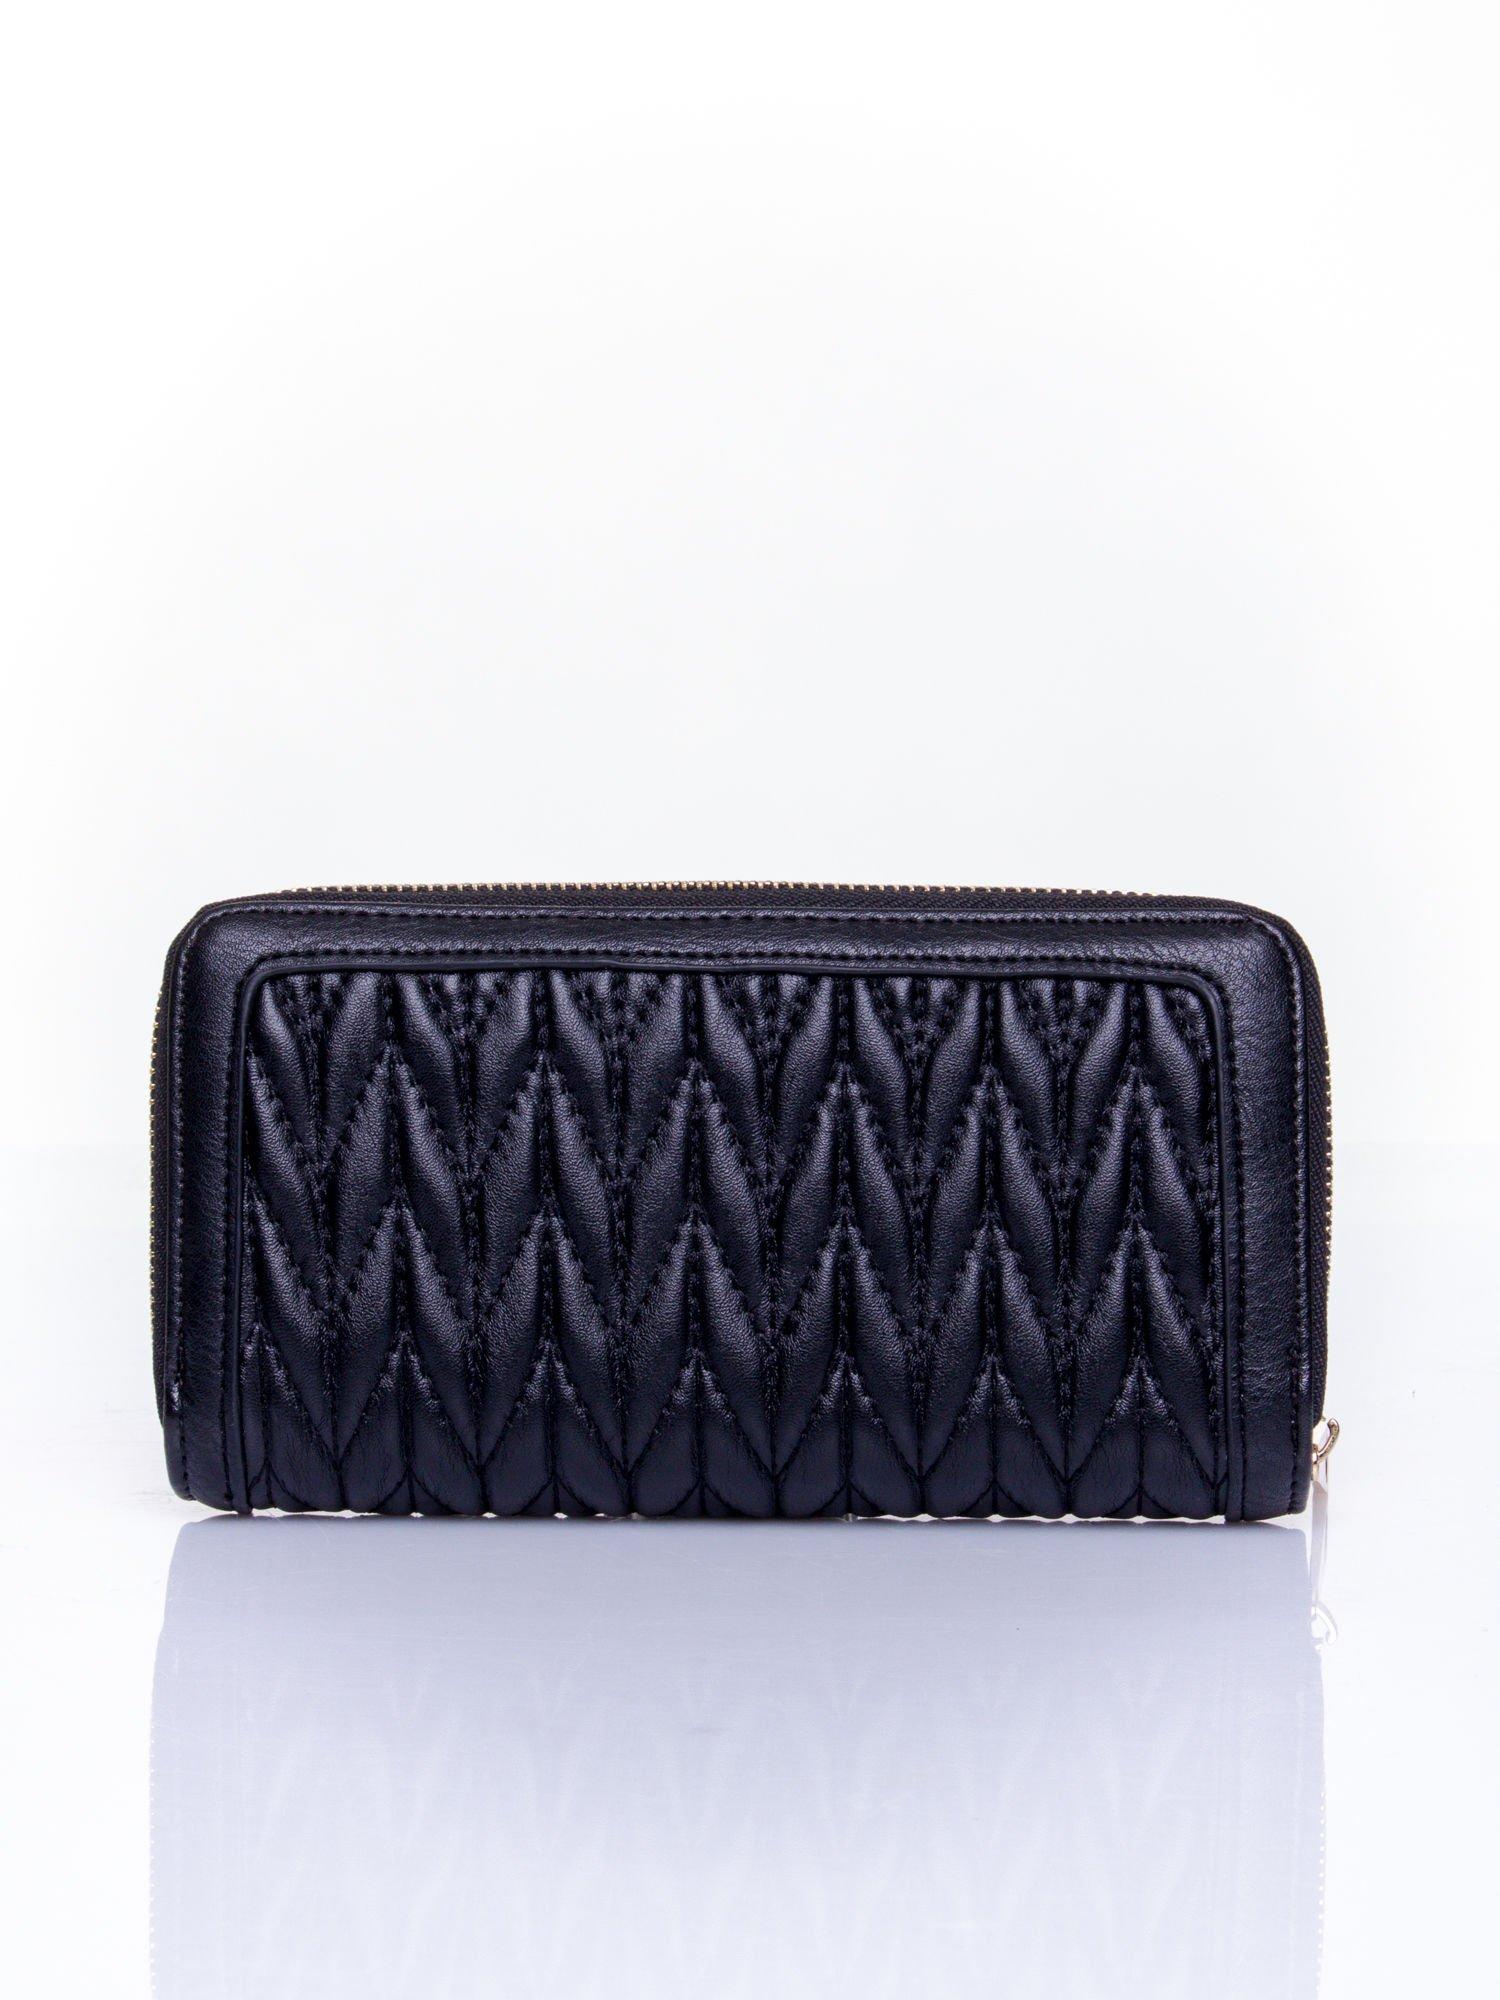 Czarny pikowany portfel ze złotym suwakiem                                  zdj.                                  2